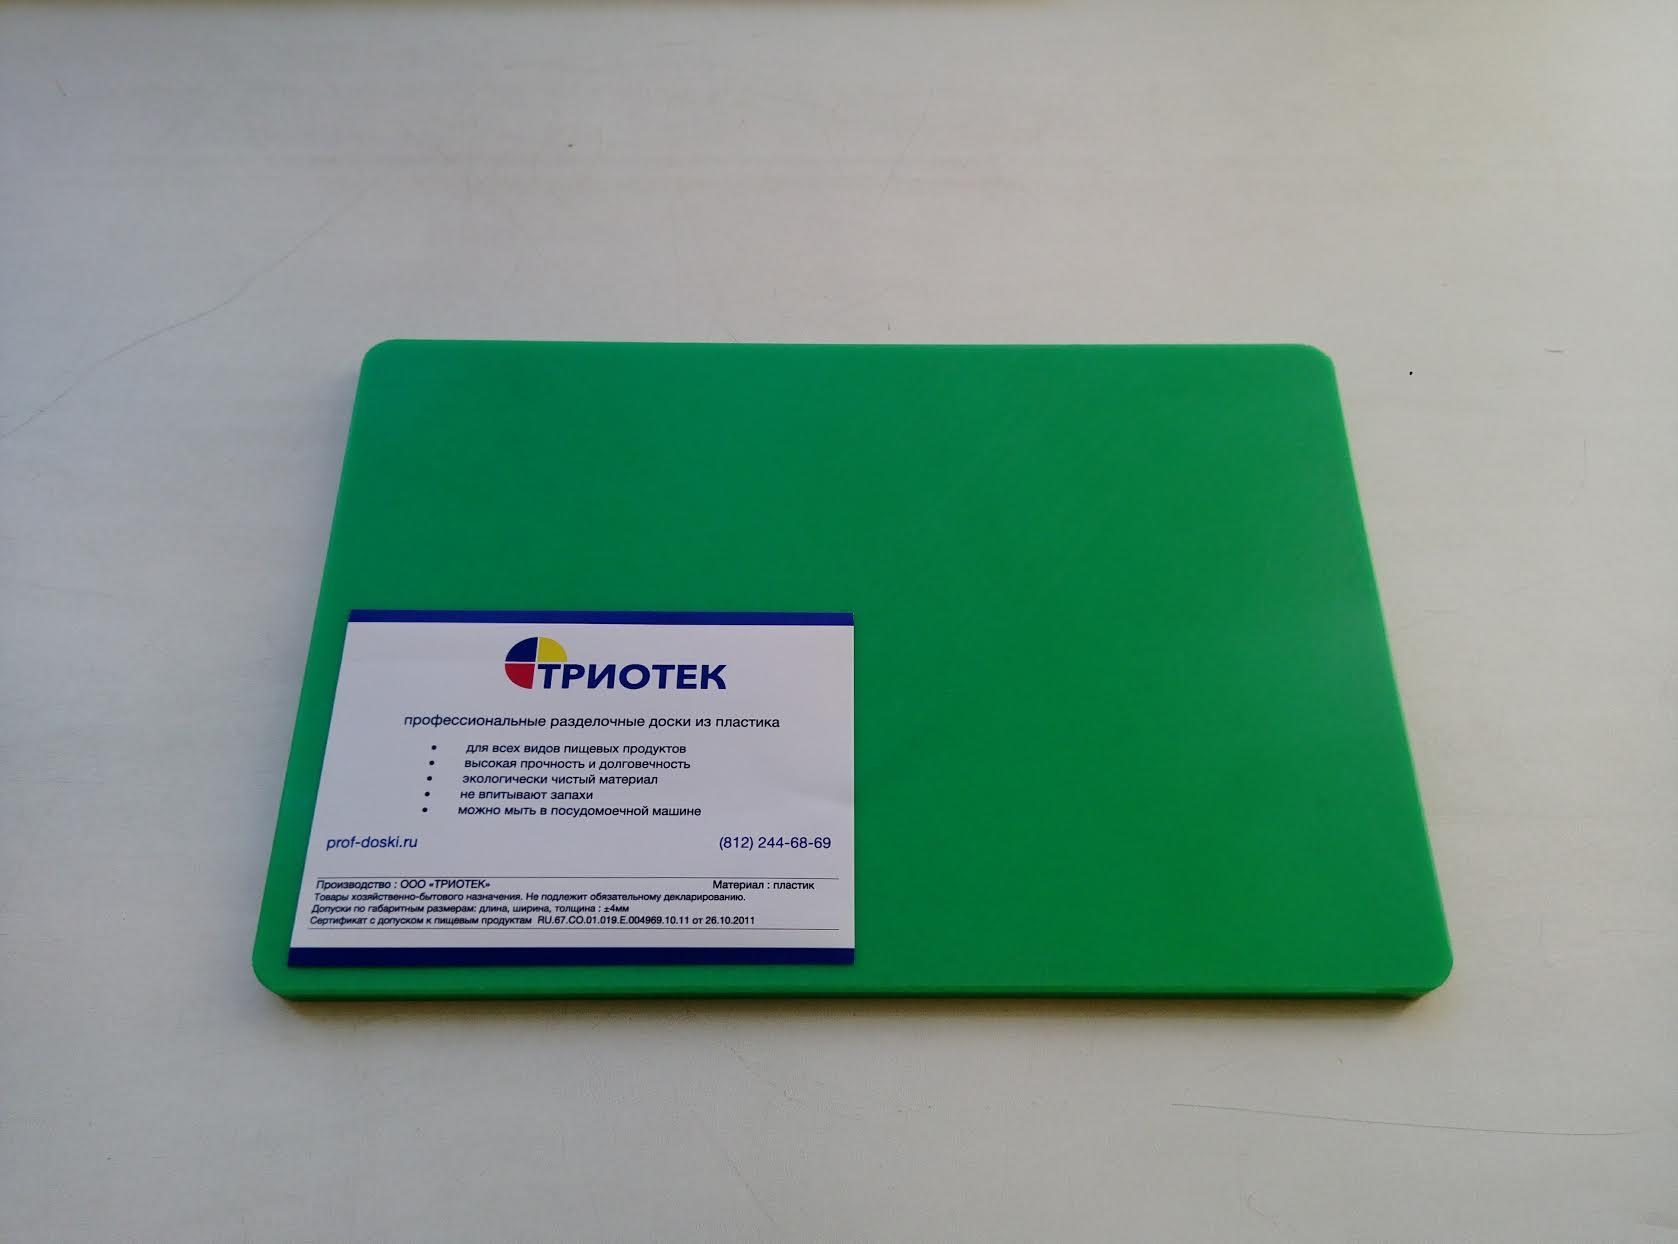 Профессиональная разделочная доска из полиэтилена «ТРИОТЕК», цвет зеленый, 15х235х350 мм